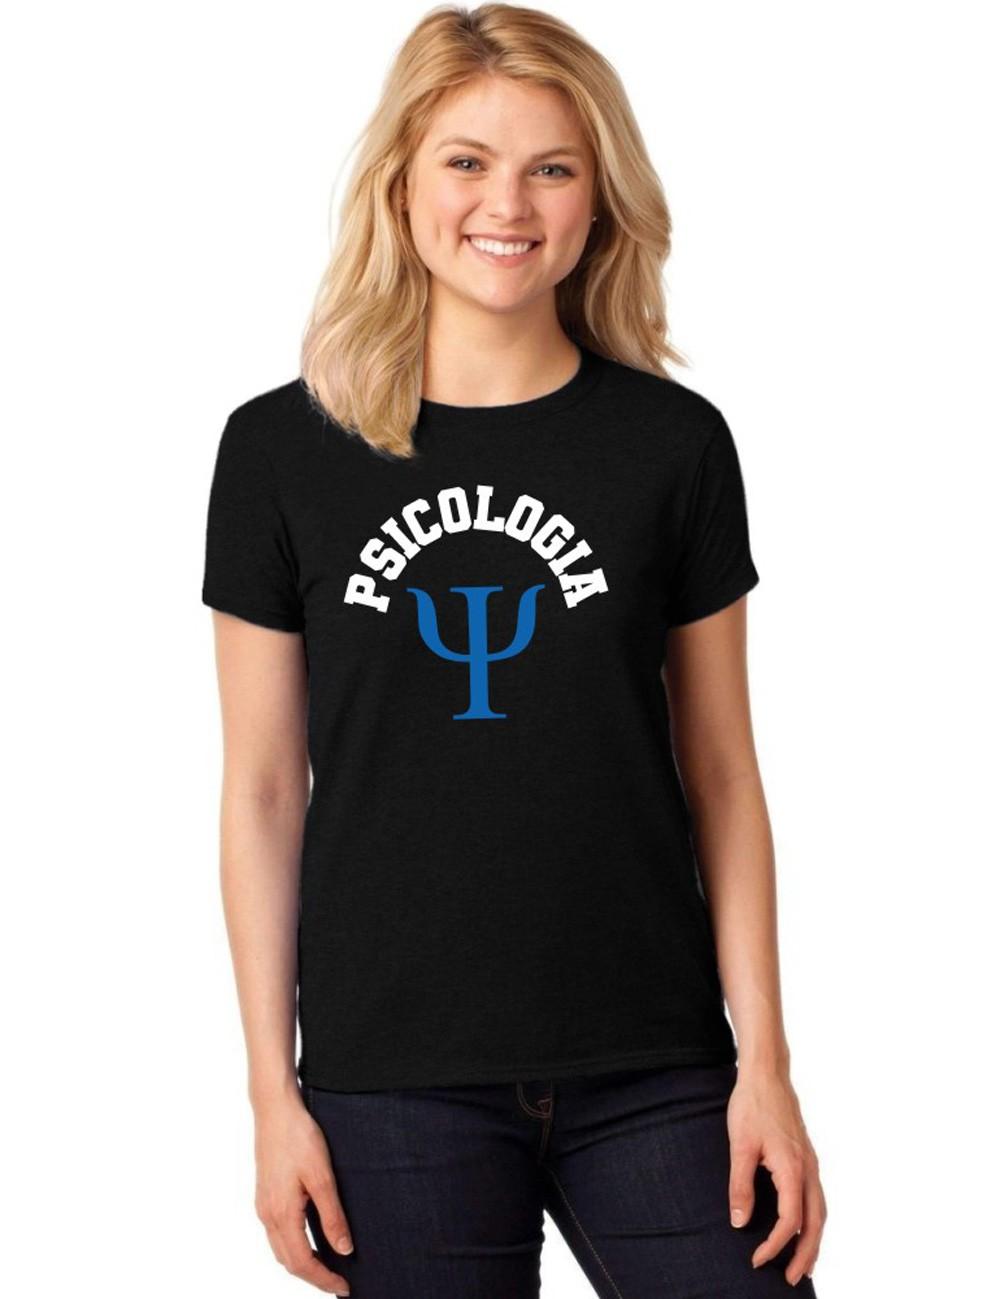 Camiseta Feminina T-Shirt Universitária Faculdade Psicologia